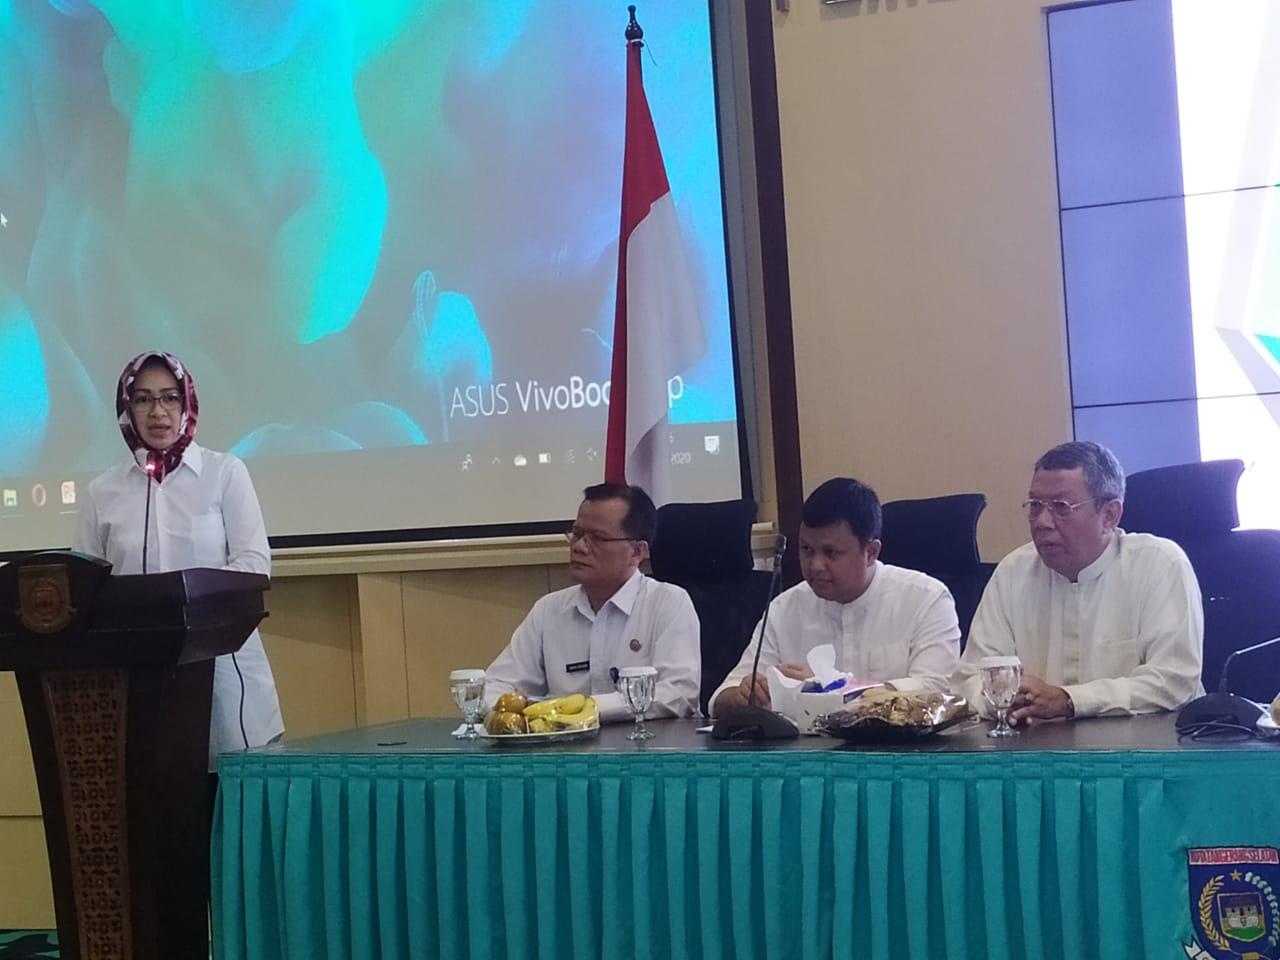 Wali Kota Tangsel Airin Rachmi Diany saat memberikan sambutannya di kegiatan Forum Organisasi Perangkat Daerah (OPD) RSU dan Dinas Kesehatan di Ruang Blandongan, Puspemkot Tangsel, Ciputat, Tangsel.